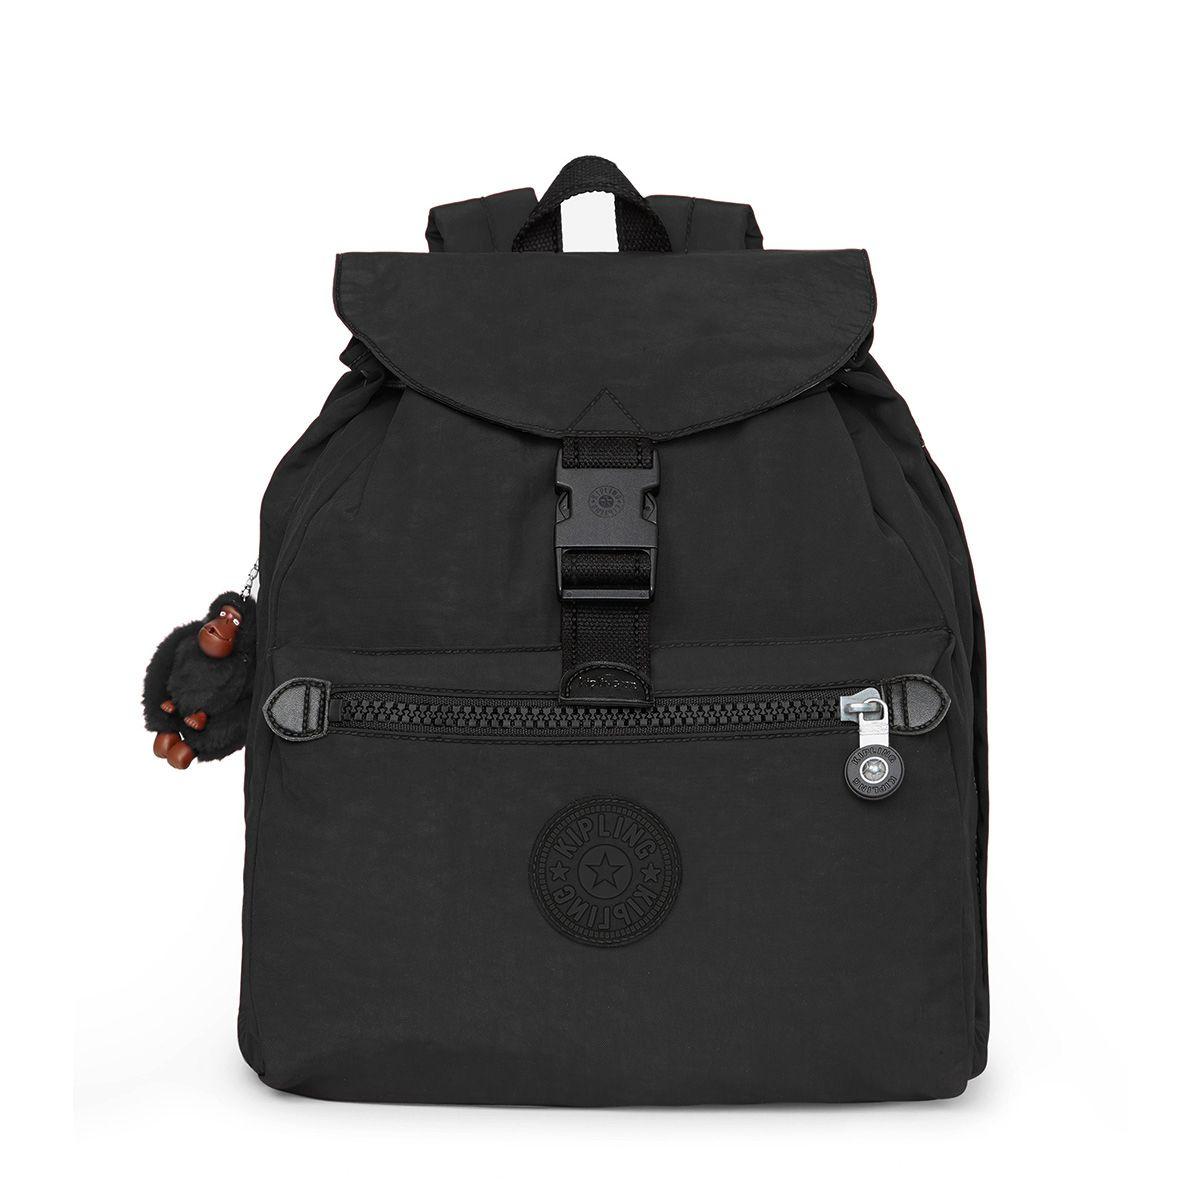 Kipling Handbags, Purses   Accessories - Macy s 294156a828